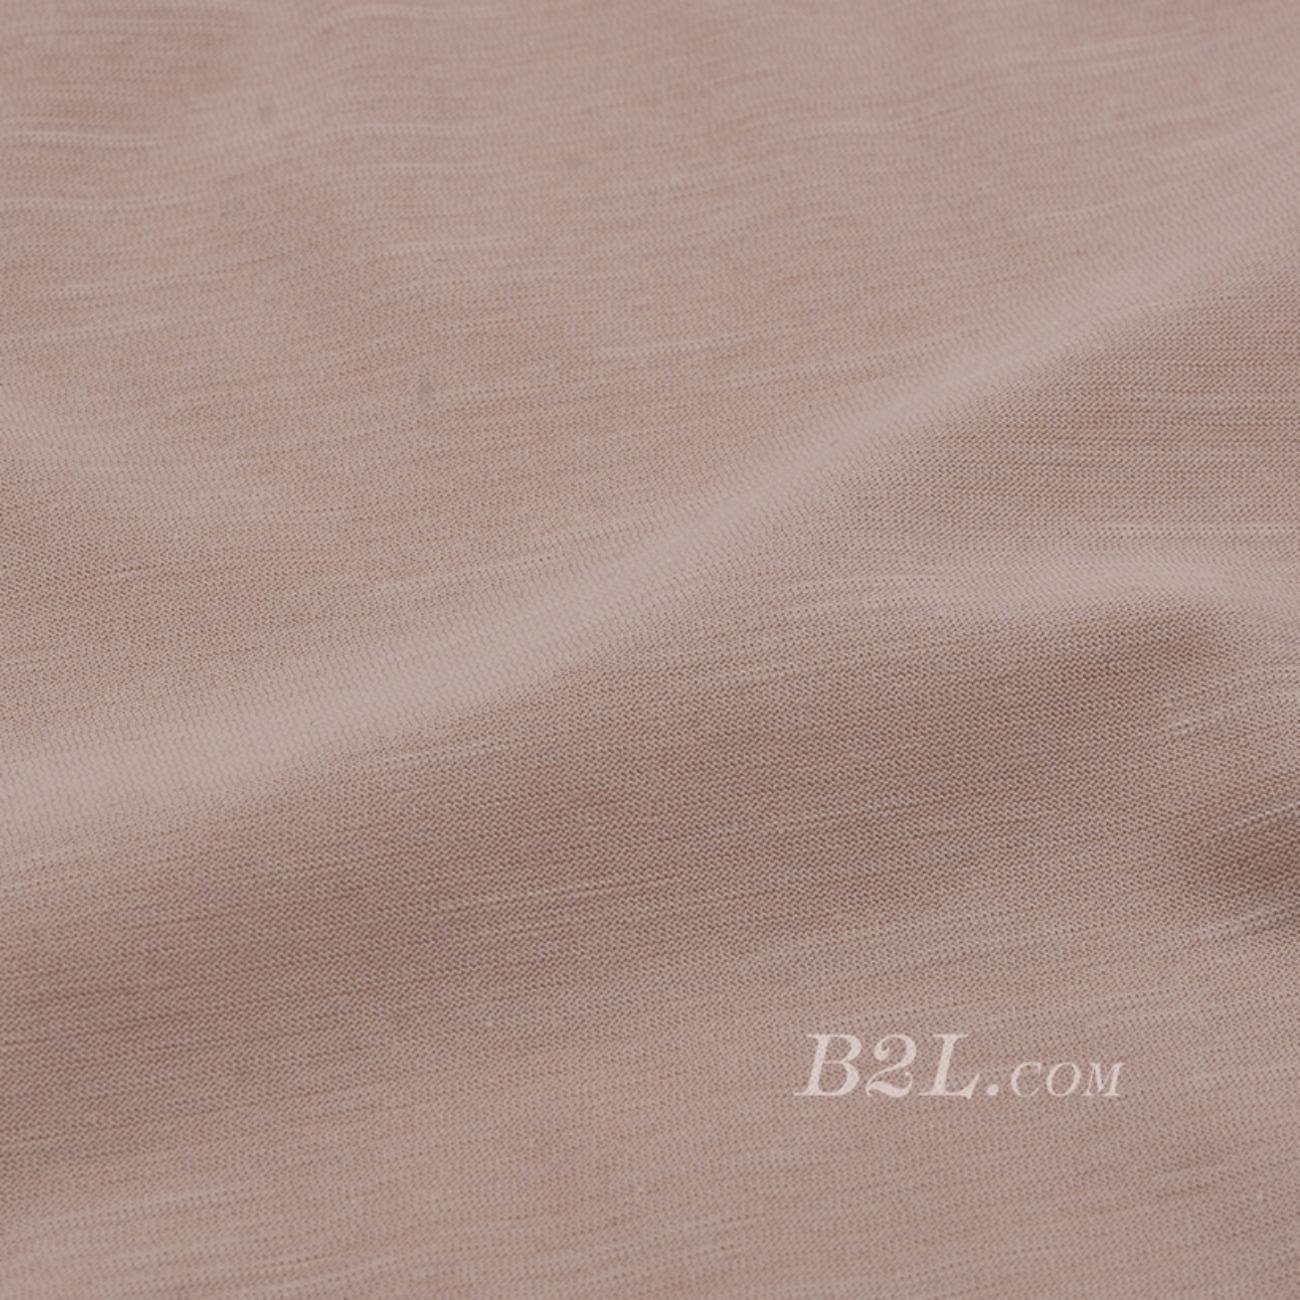 素色 针织 染色 连衣裙 丝光 竹节 铜氨丝 弹力 女装 春夏 80517-59